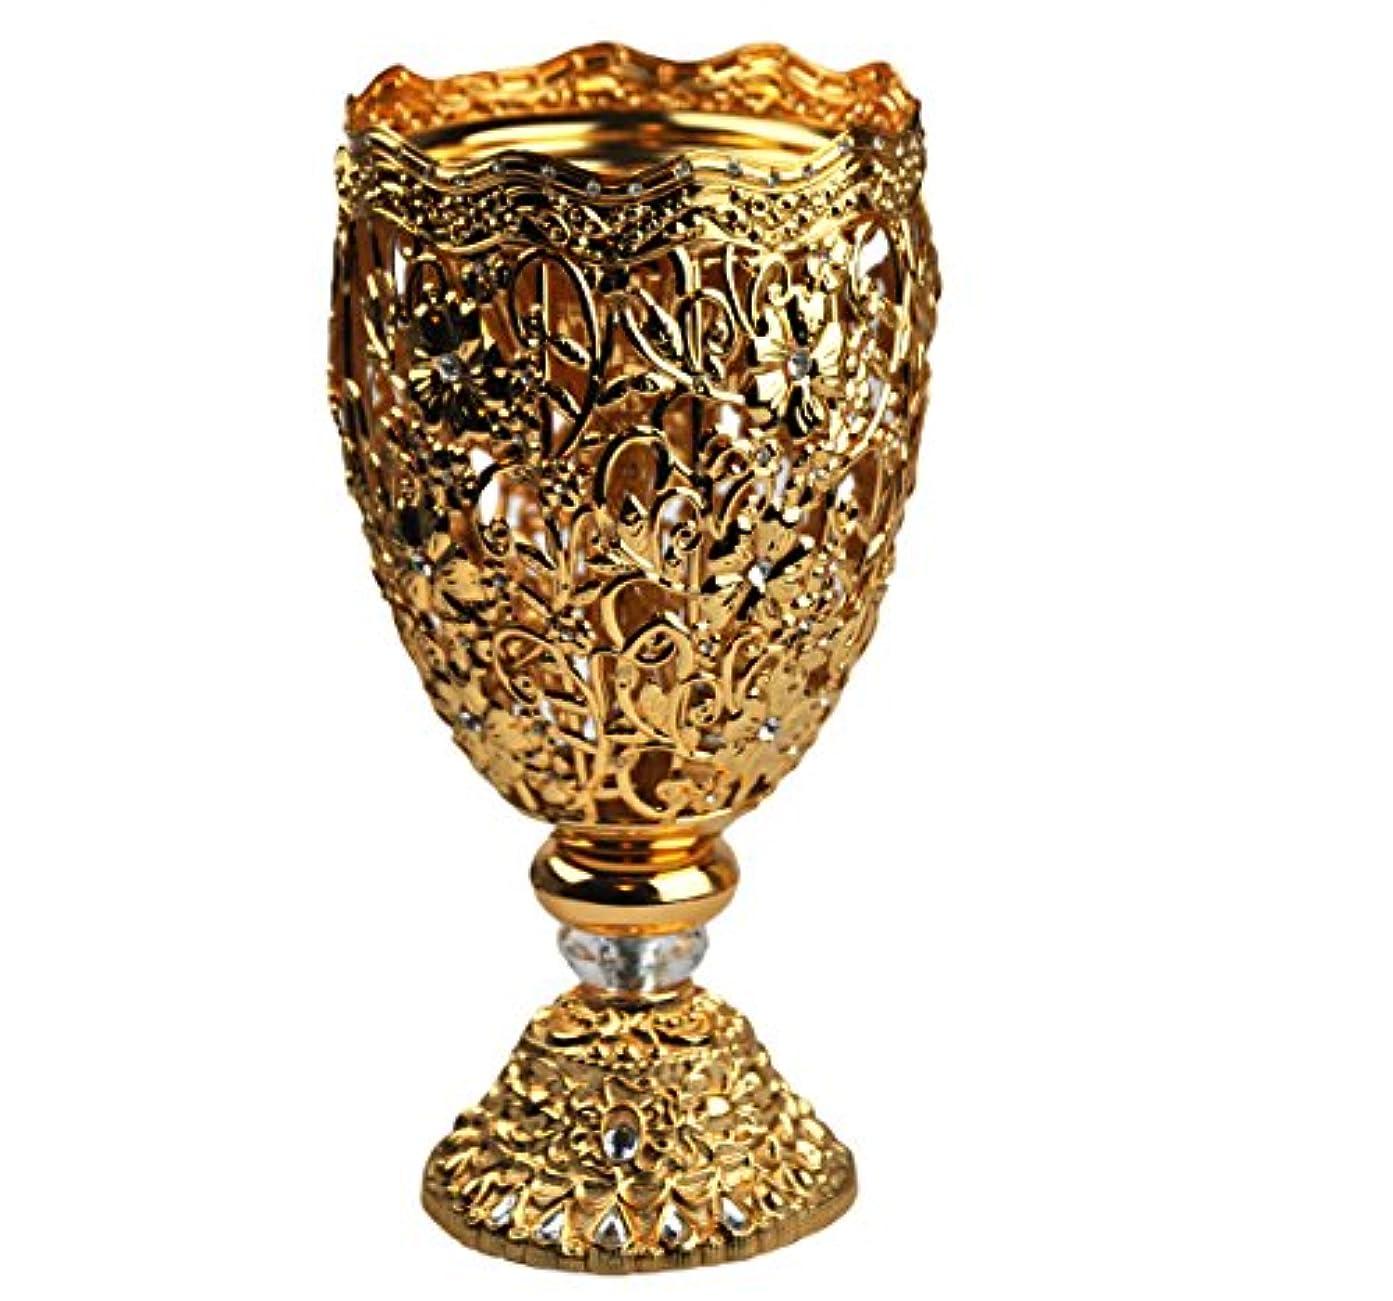 バック蚊衝突コースArabia Incense / bakhoor Burner ( Mabkhara ) – Oud Burner、ゴールドメタル、トレイ内側10インチ。 – USA Seller